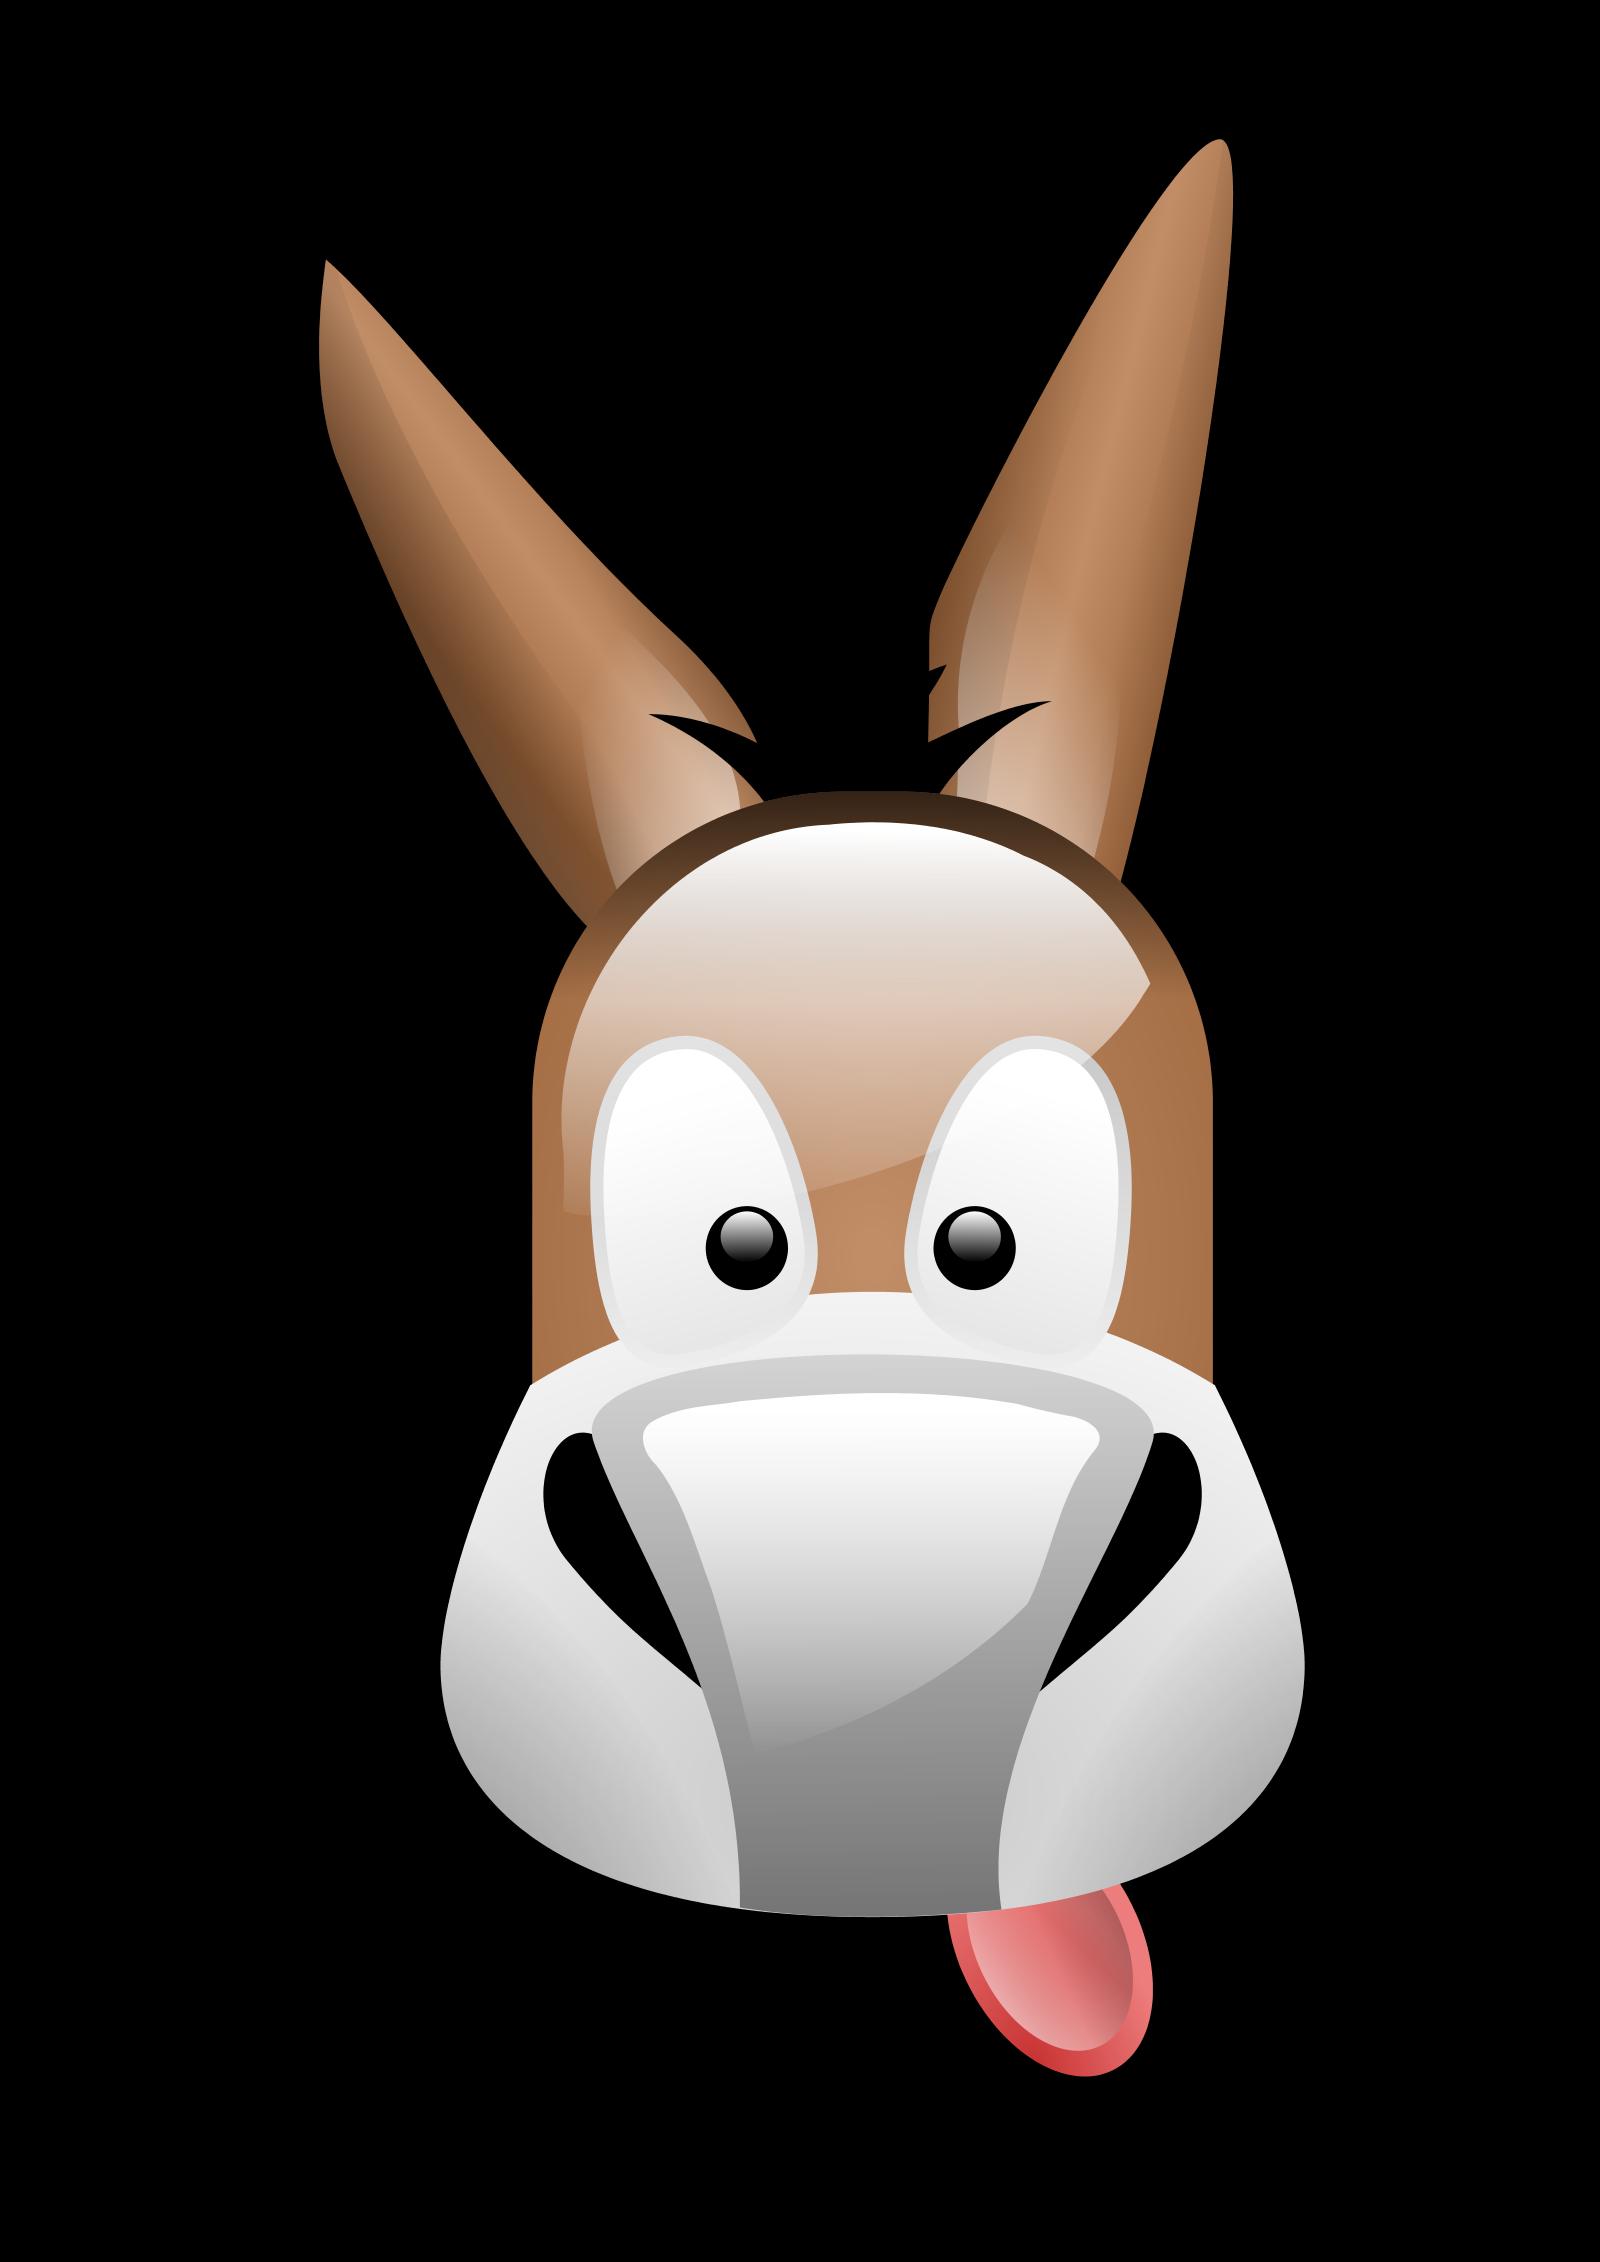 e mule: